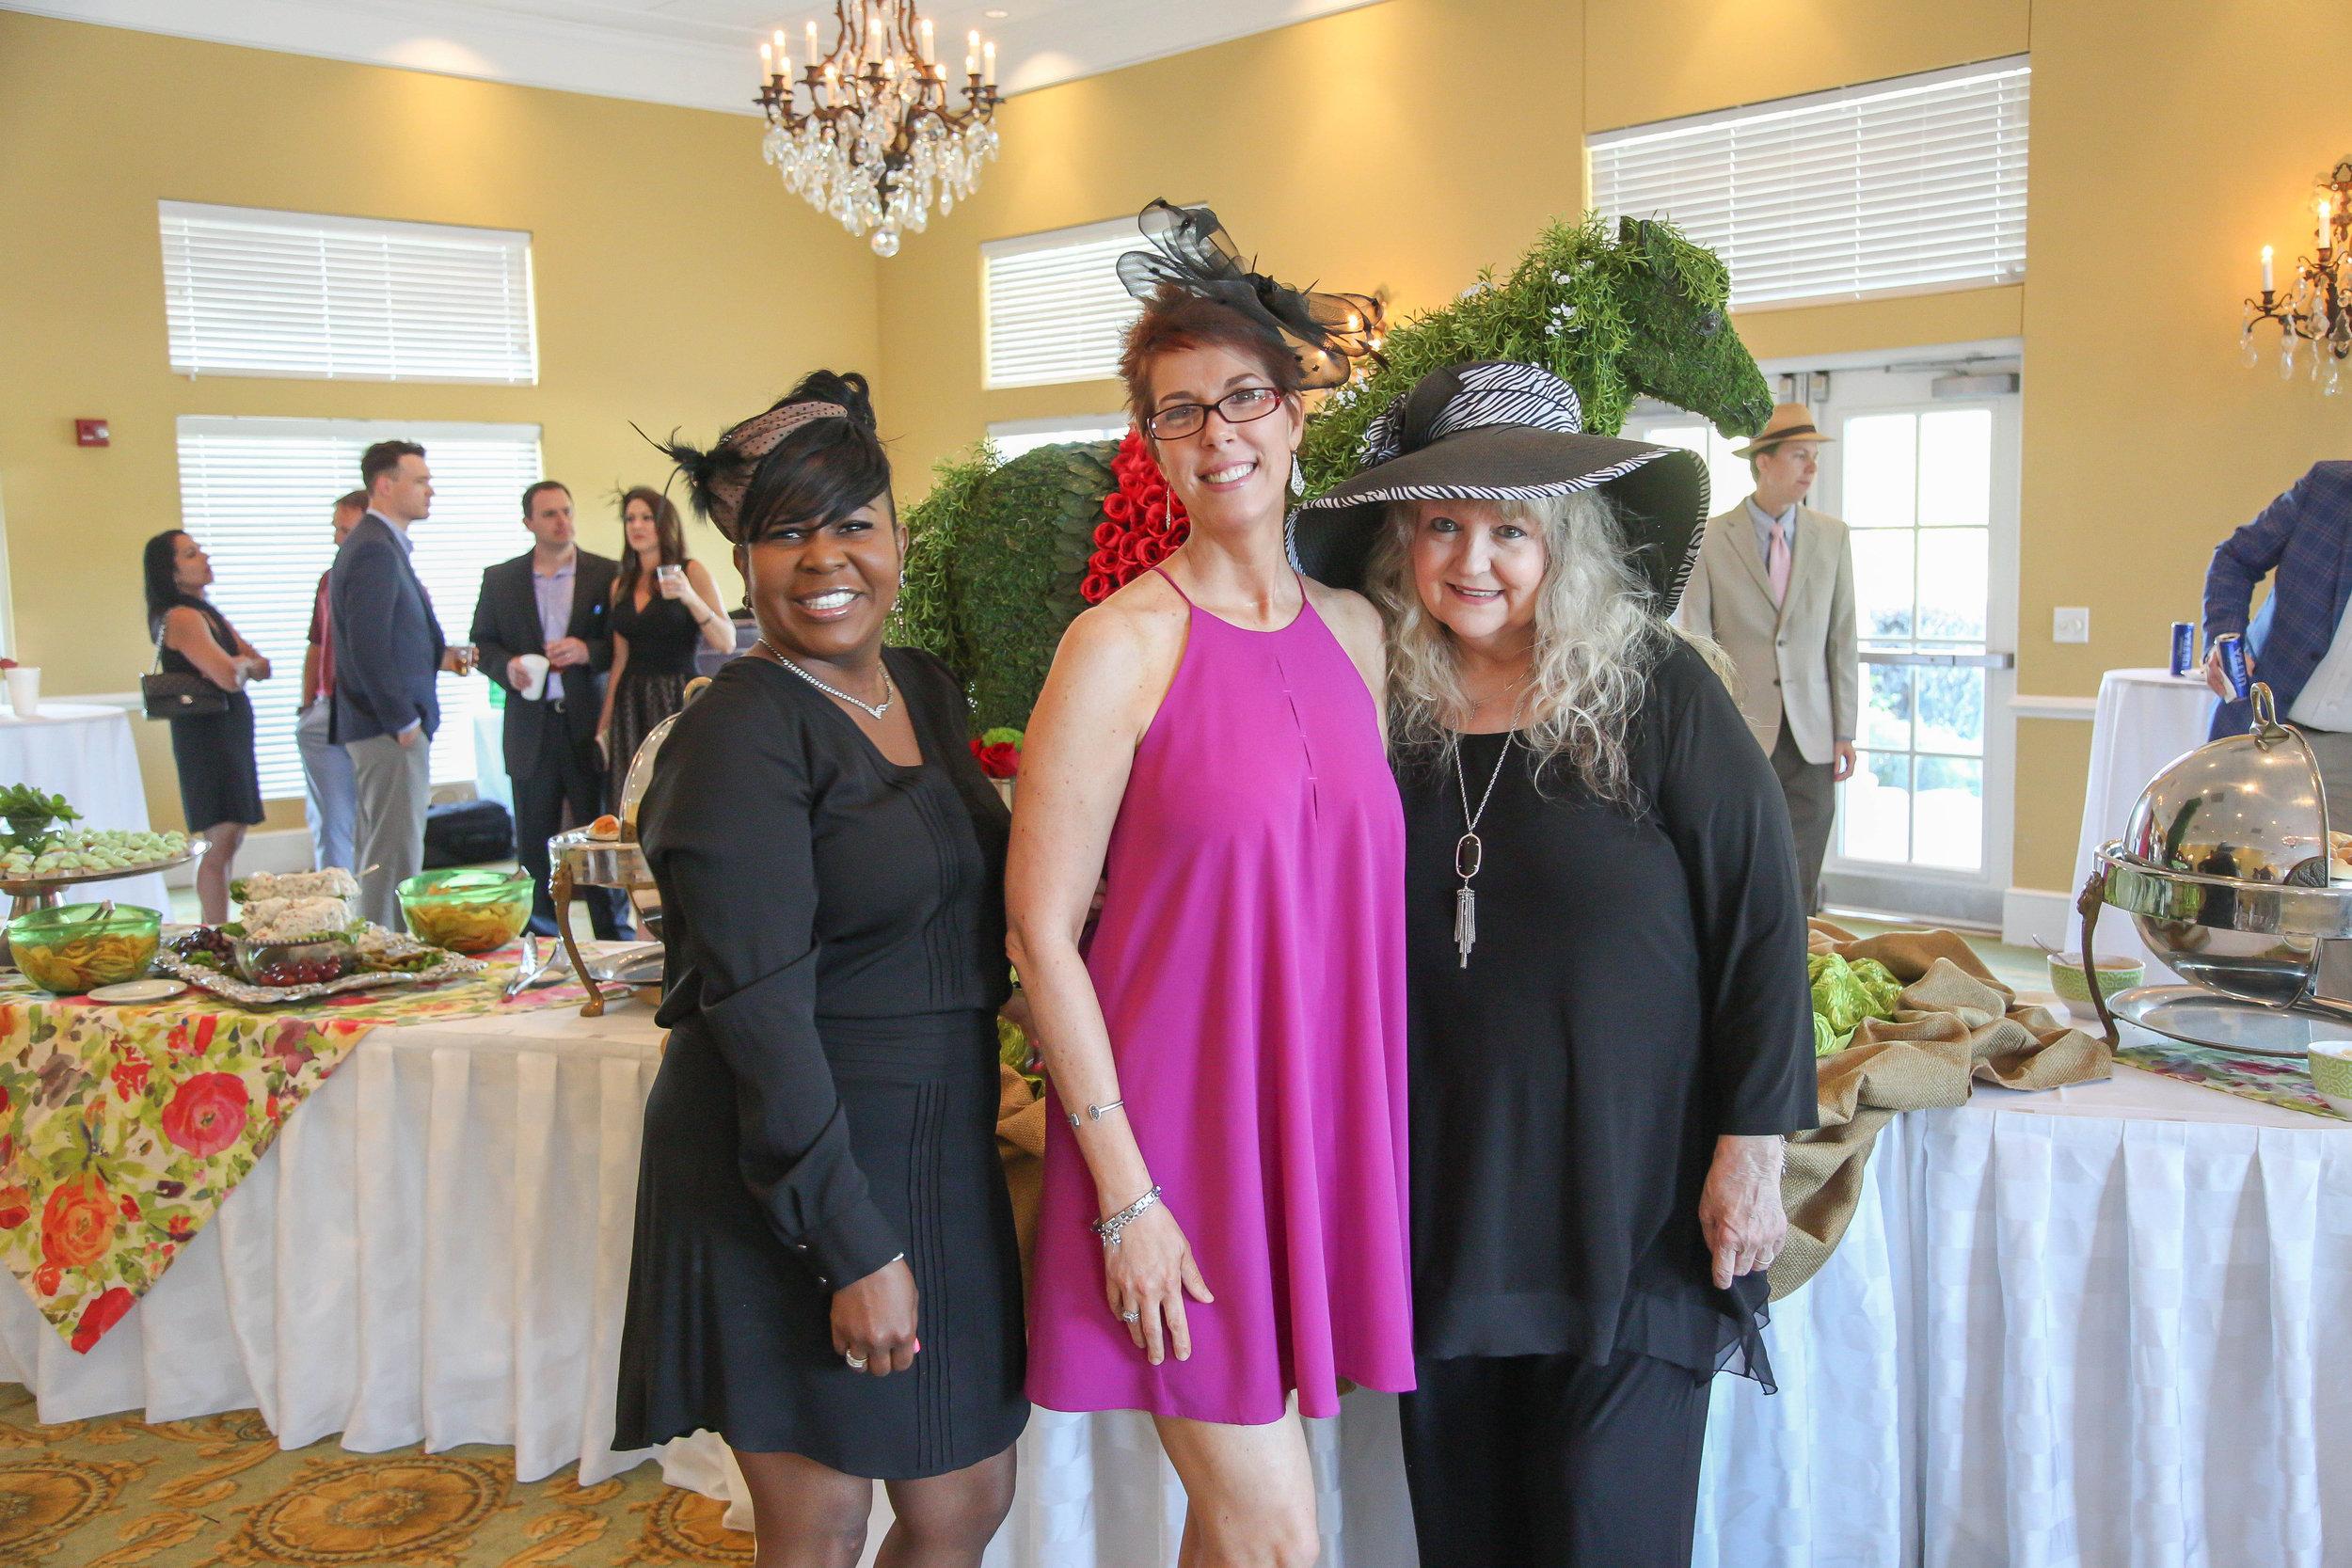 Lekia Jones, Melissa Estes and Jeannie Van Hoose